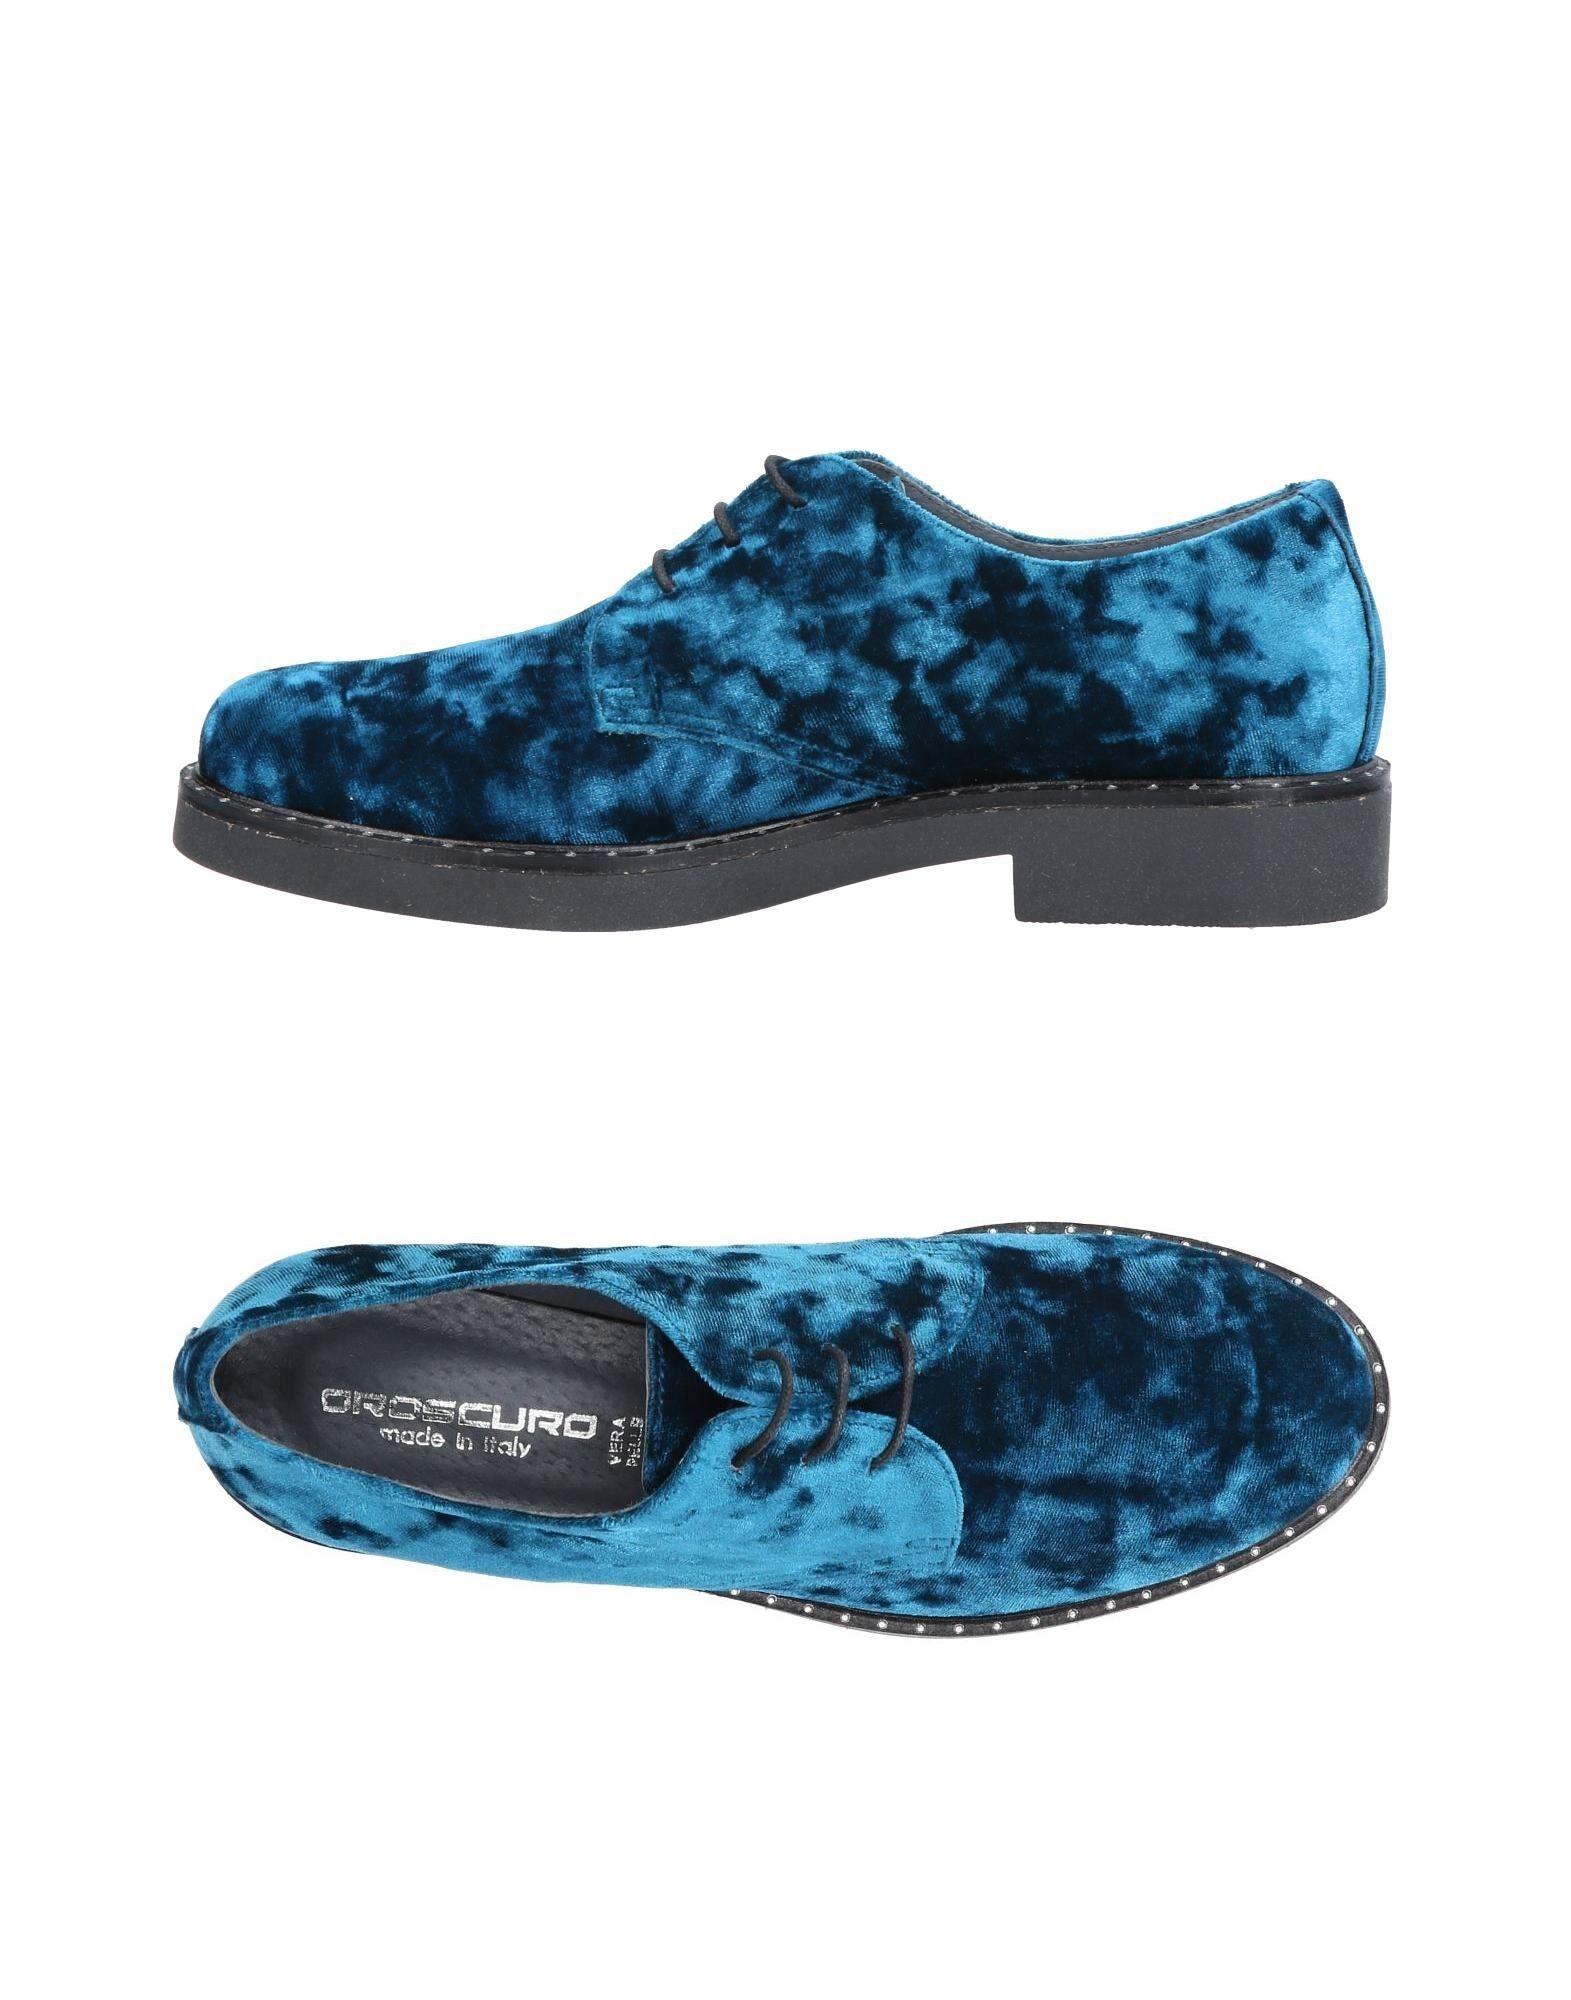 Oroscuro Schnürschuhe Damen  11455922JE Gute Qualität beliebte Schuhe